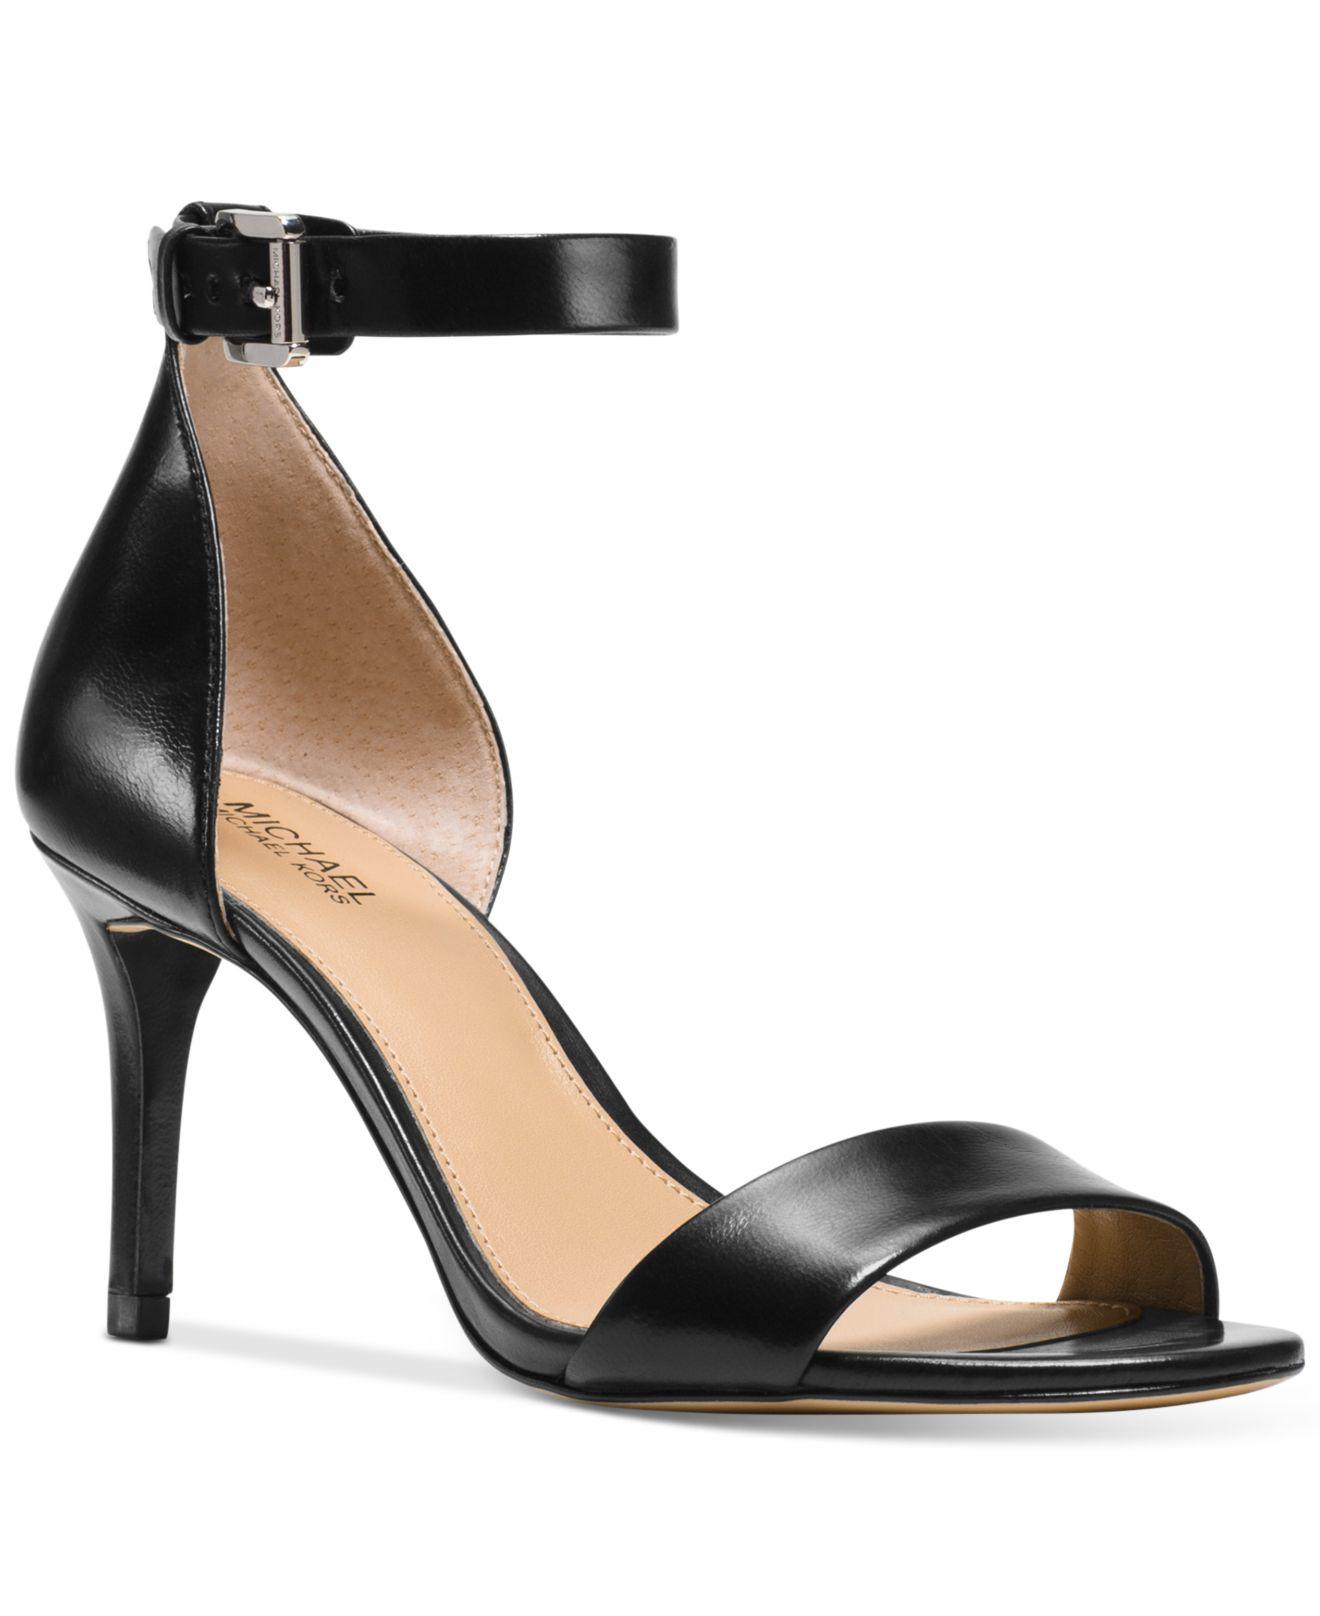 Charles Albert Shoes Uk